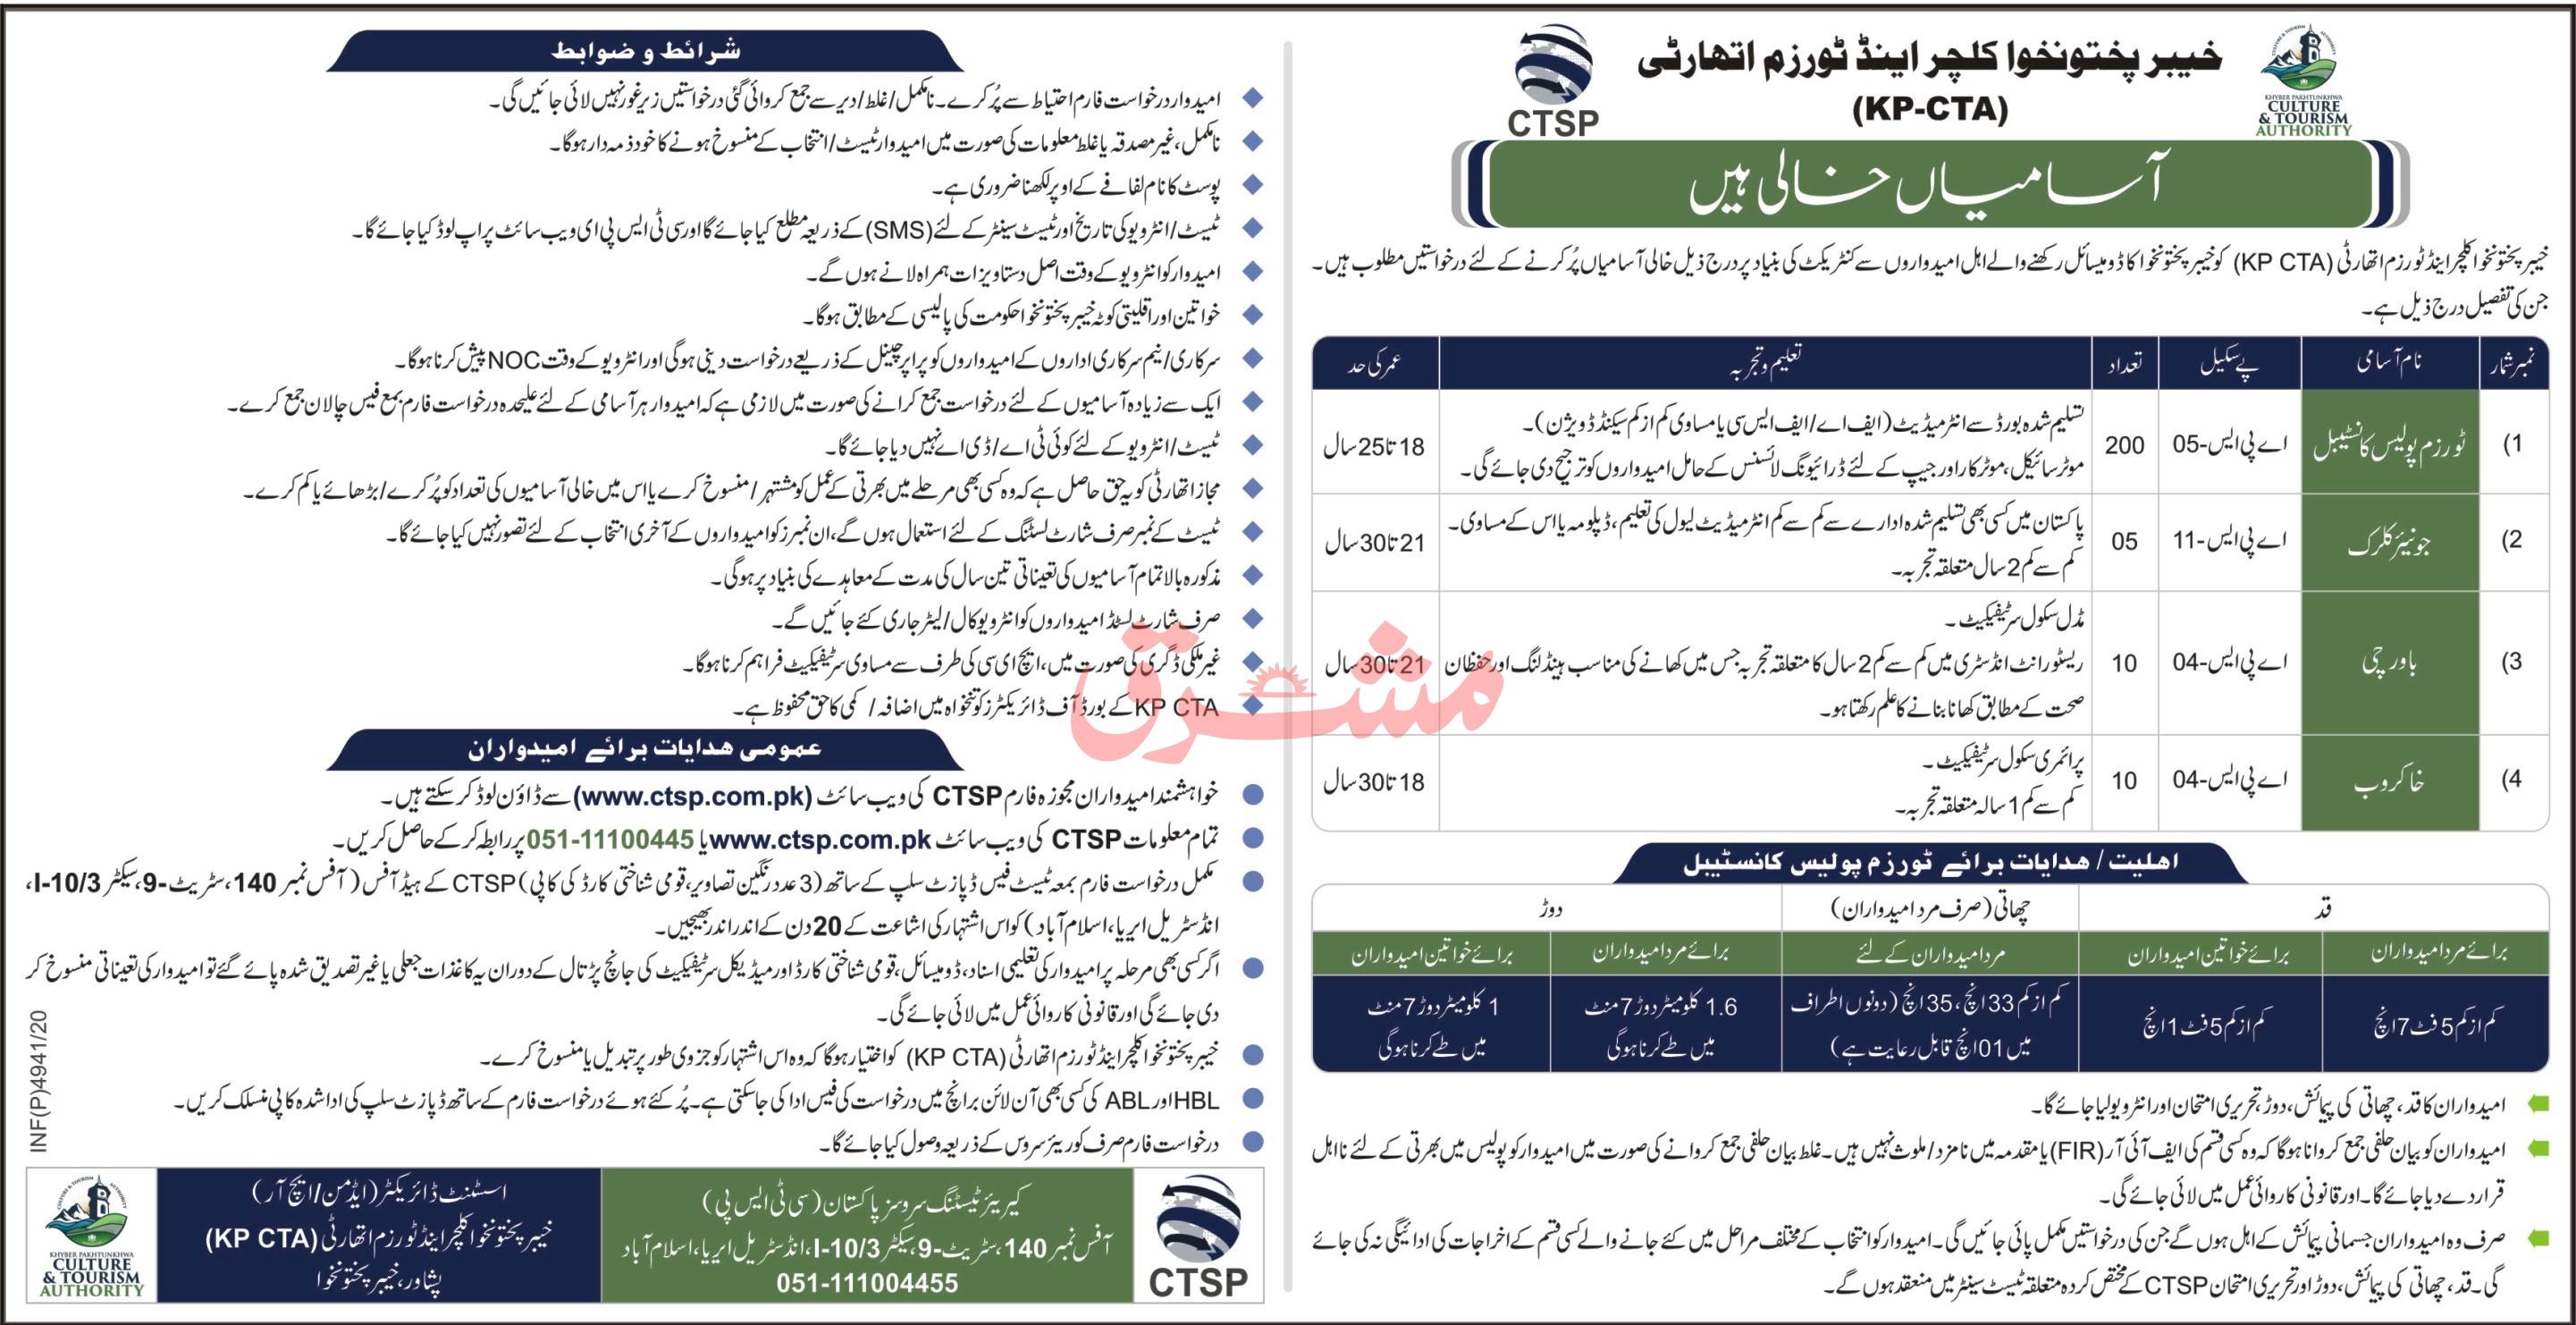 KPK Culture & Tourism Authority Jobs 2021, CTSP Form, Result